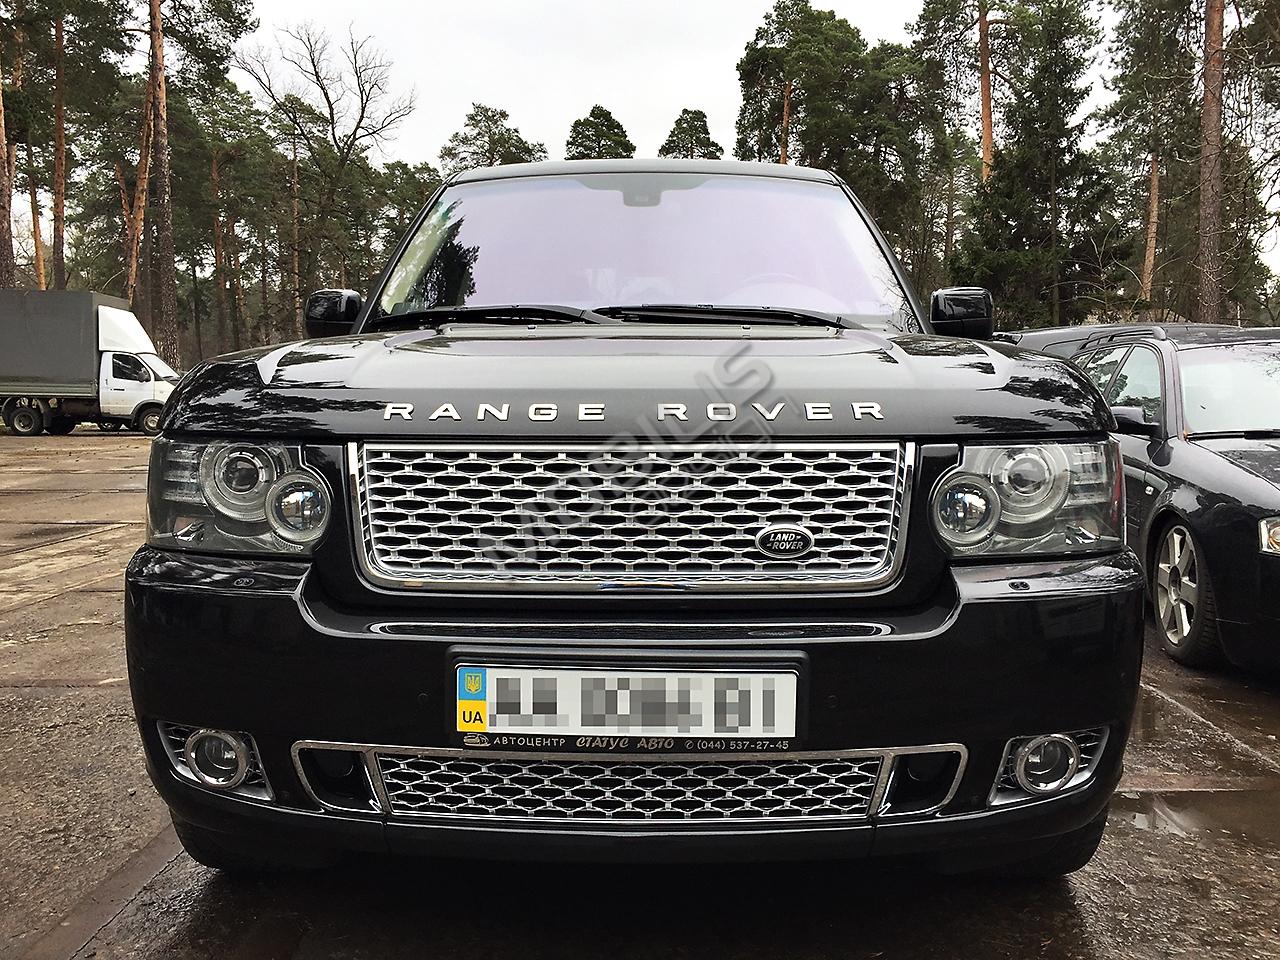 Range Rover VOGUE 2011 - установка аэродинамического обвеса Autobiography